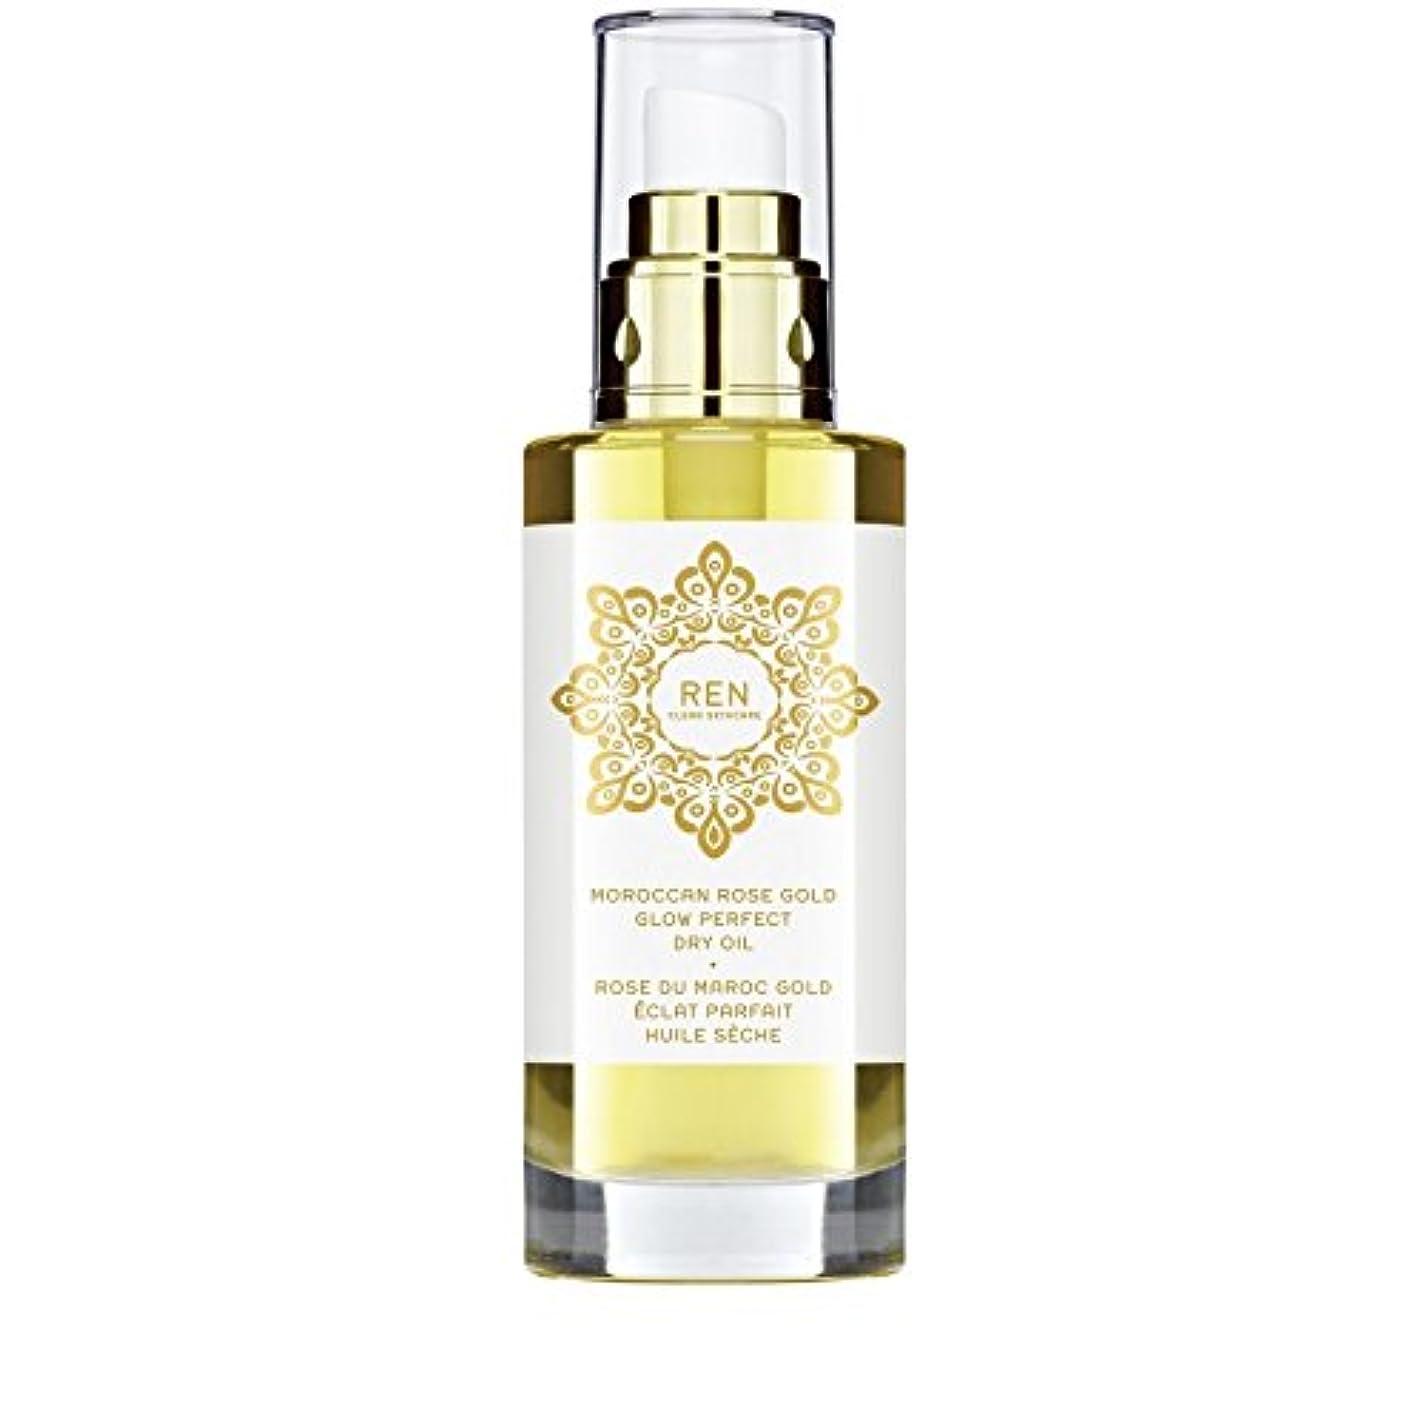 静かな独特の入り口モロッコは金が完璧なドライオイル100ミリリットルグローバラ x4 - REN Moroccan Rose Gold Glow Perfect Dry Oil 100ml (Pack of 4) [並行輸入品]